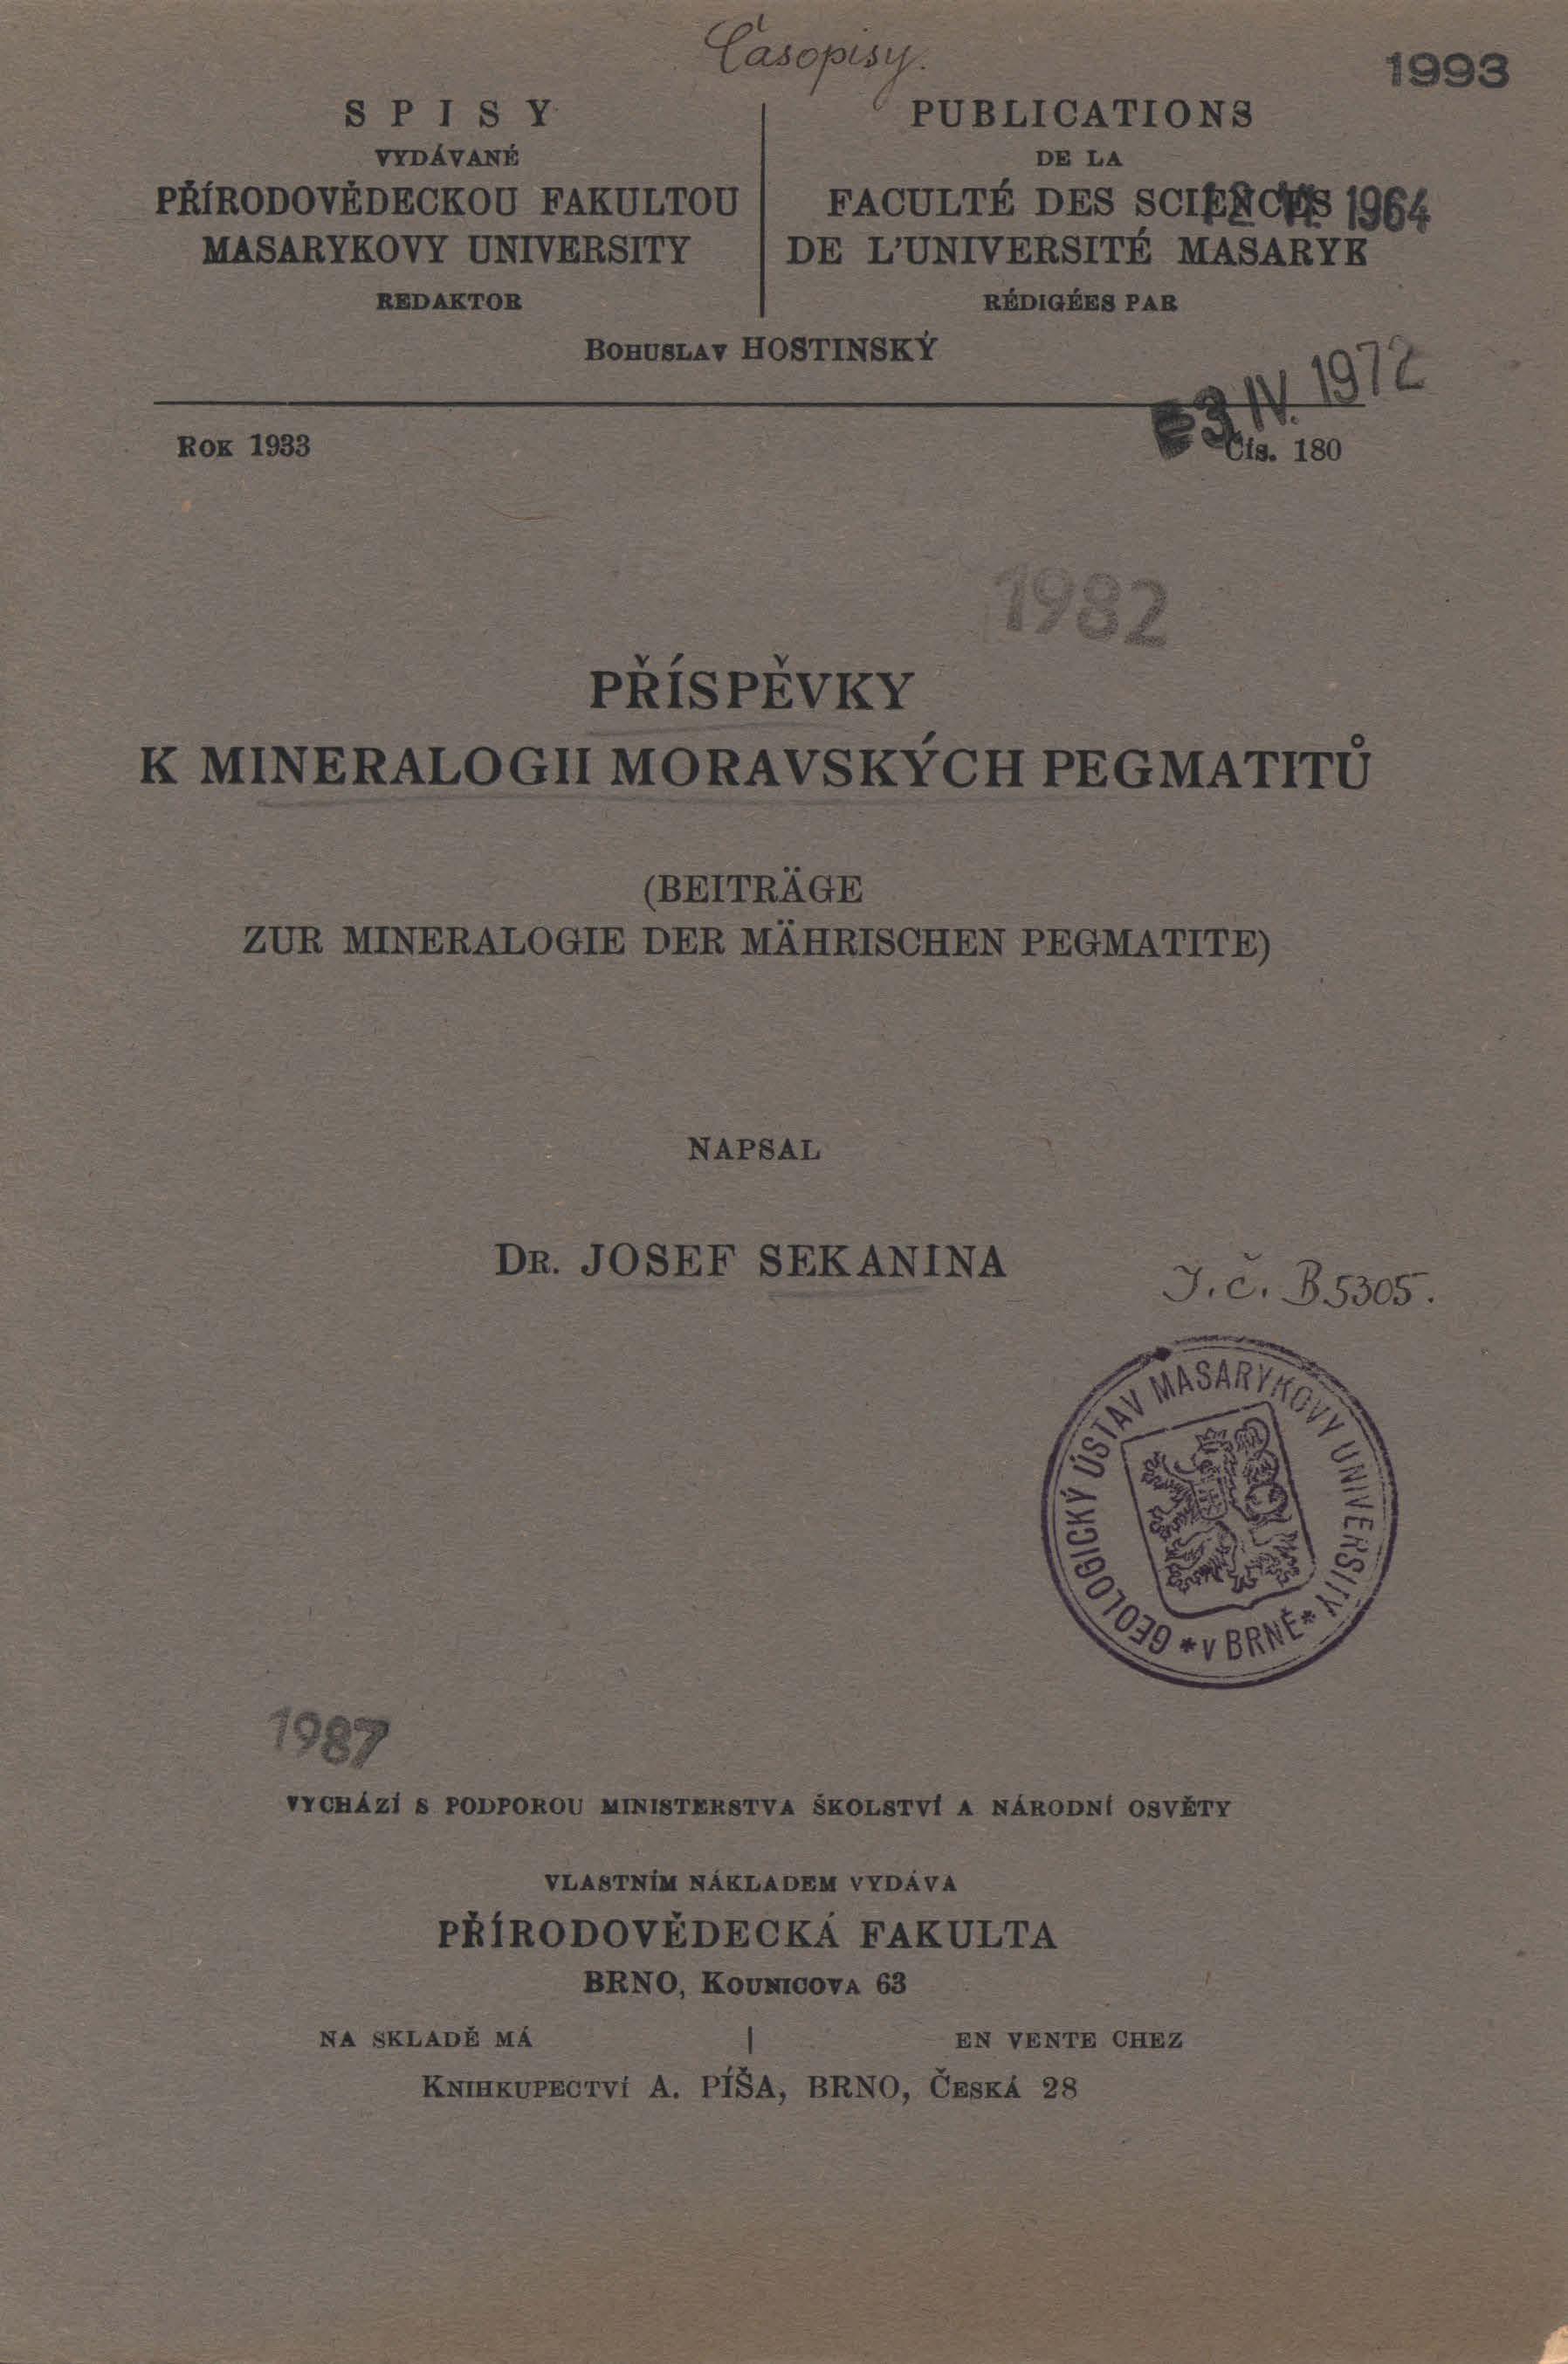 Obálka pro Příspěvky k mineralogii moravských pegmatitů